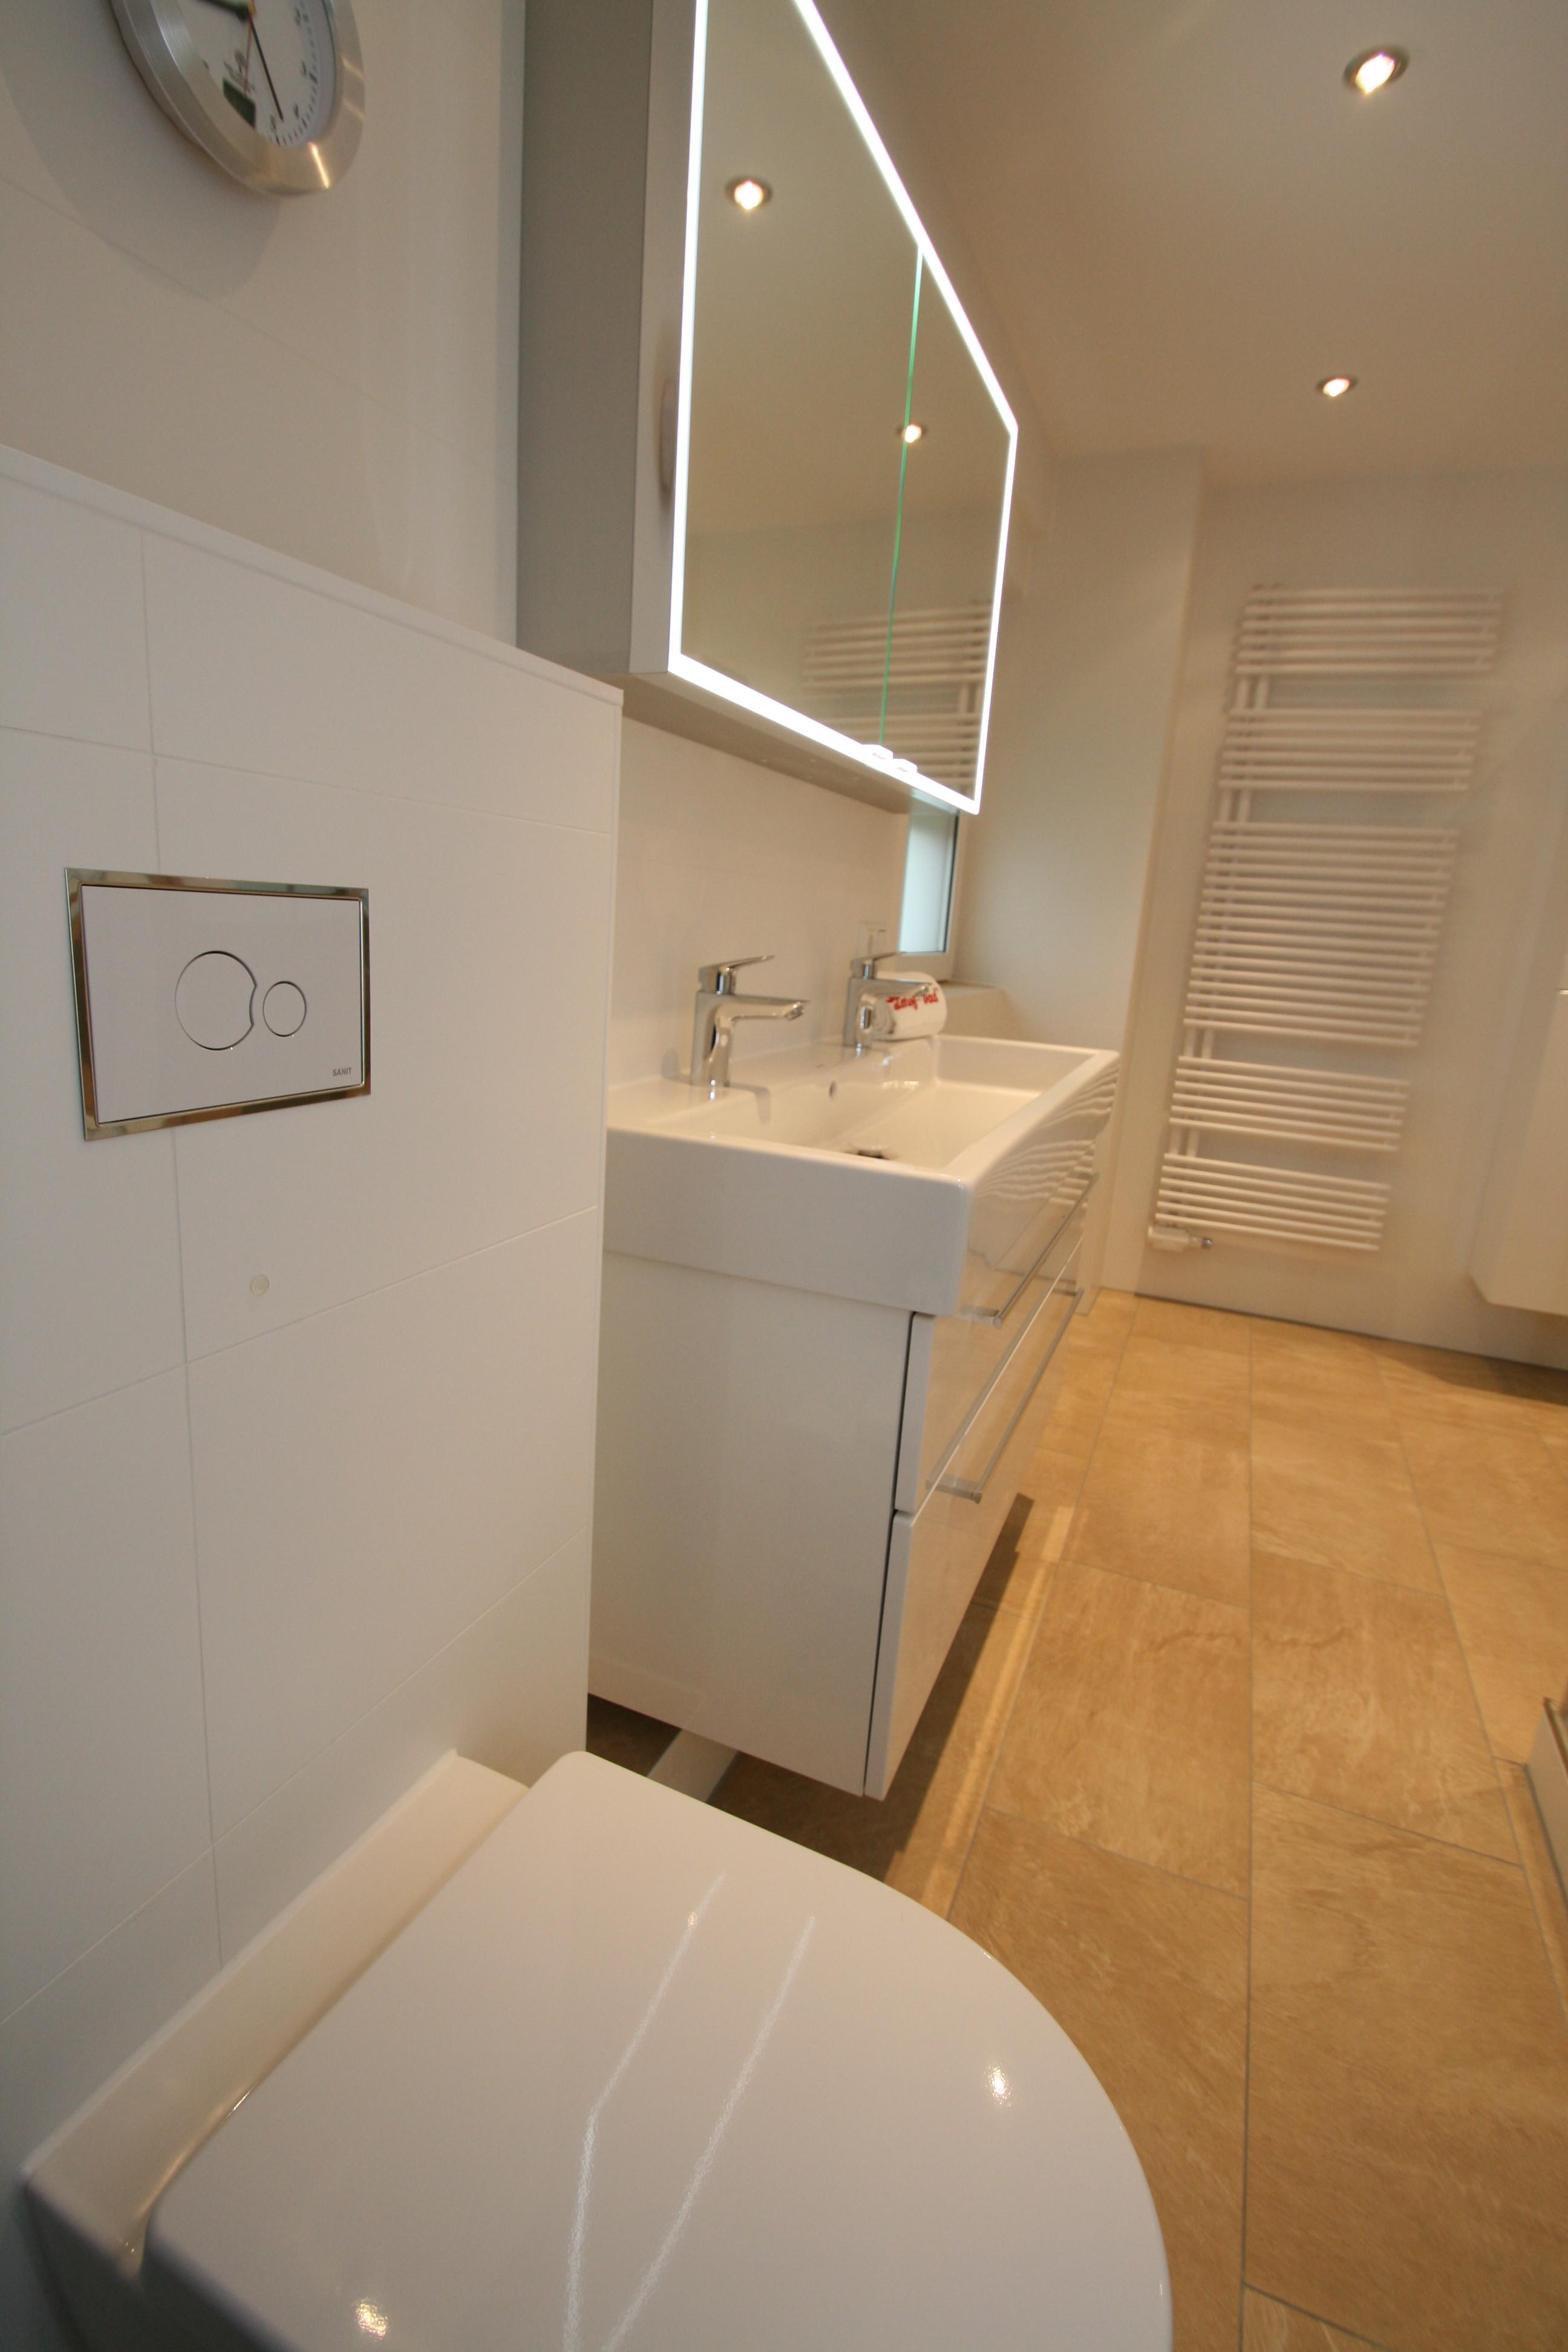 Die Gestaltung Im Gesamten Badezimmer, Sowie Im Gäste WC Ist Schlicht  Gehalten. Mit Leichtem Kontrast Und Glänzenden Wandfliesenbelag, Die Eine  Edle ...